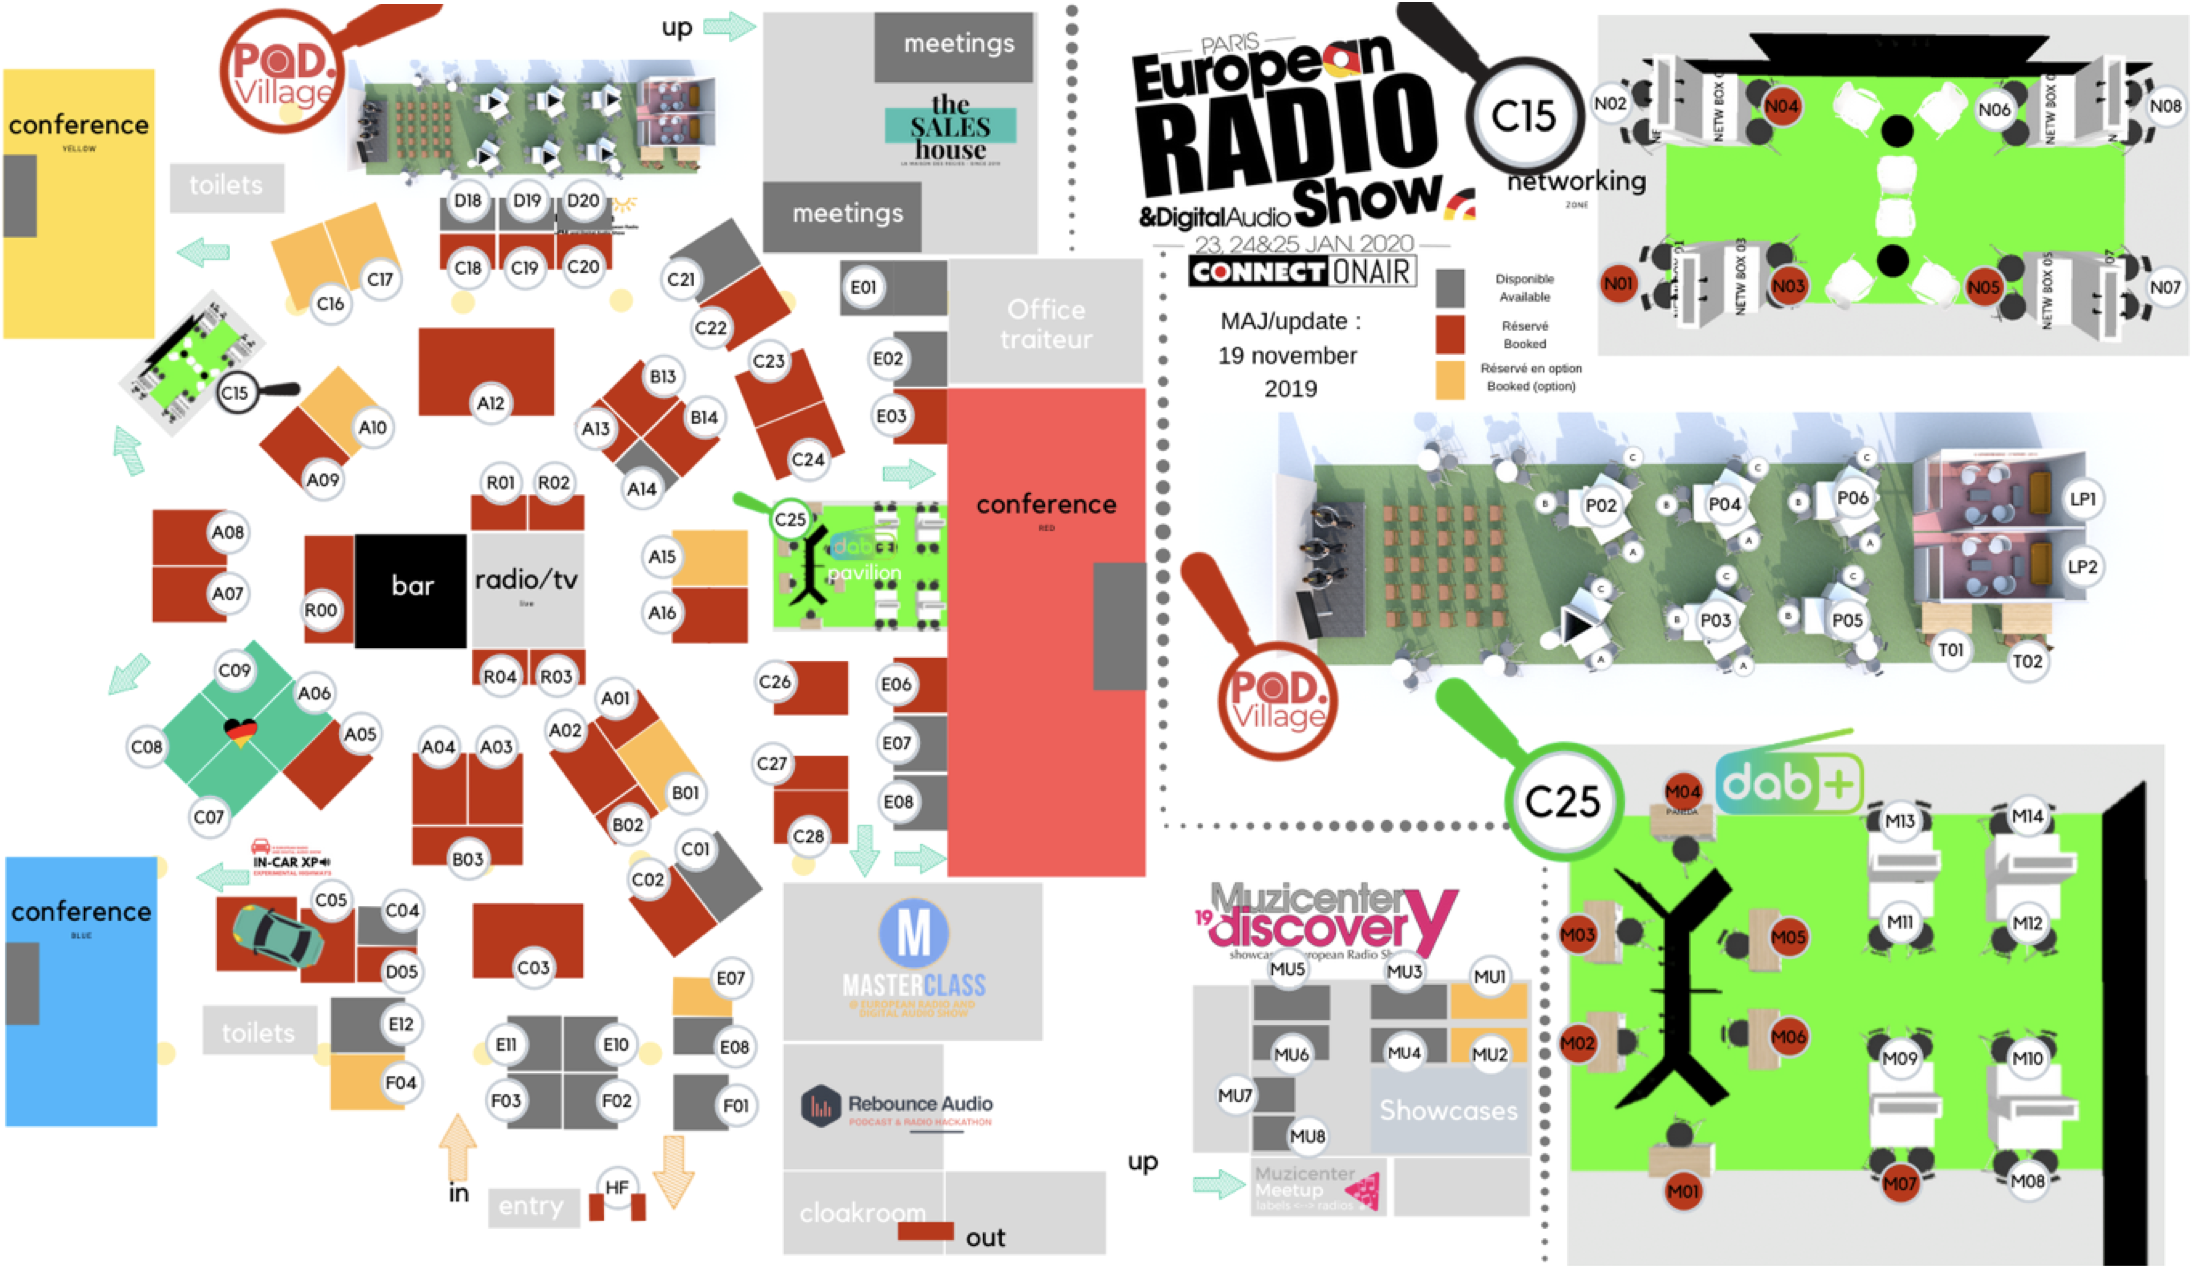 Le Salon de la Radio 15 dévoile ses nouveautés